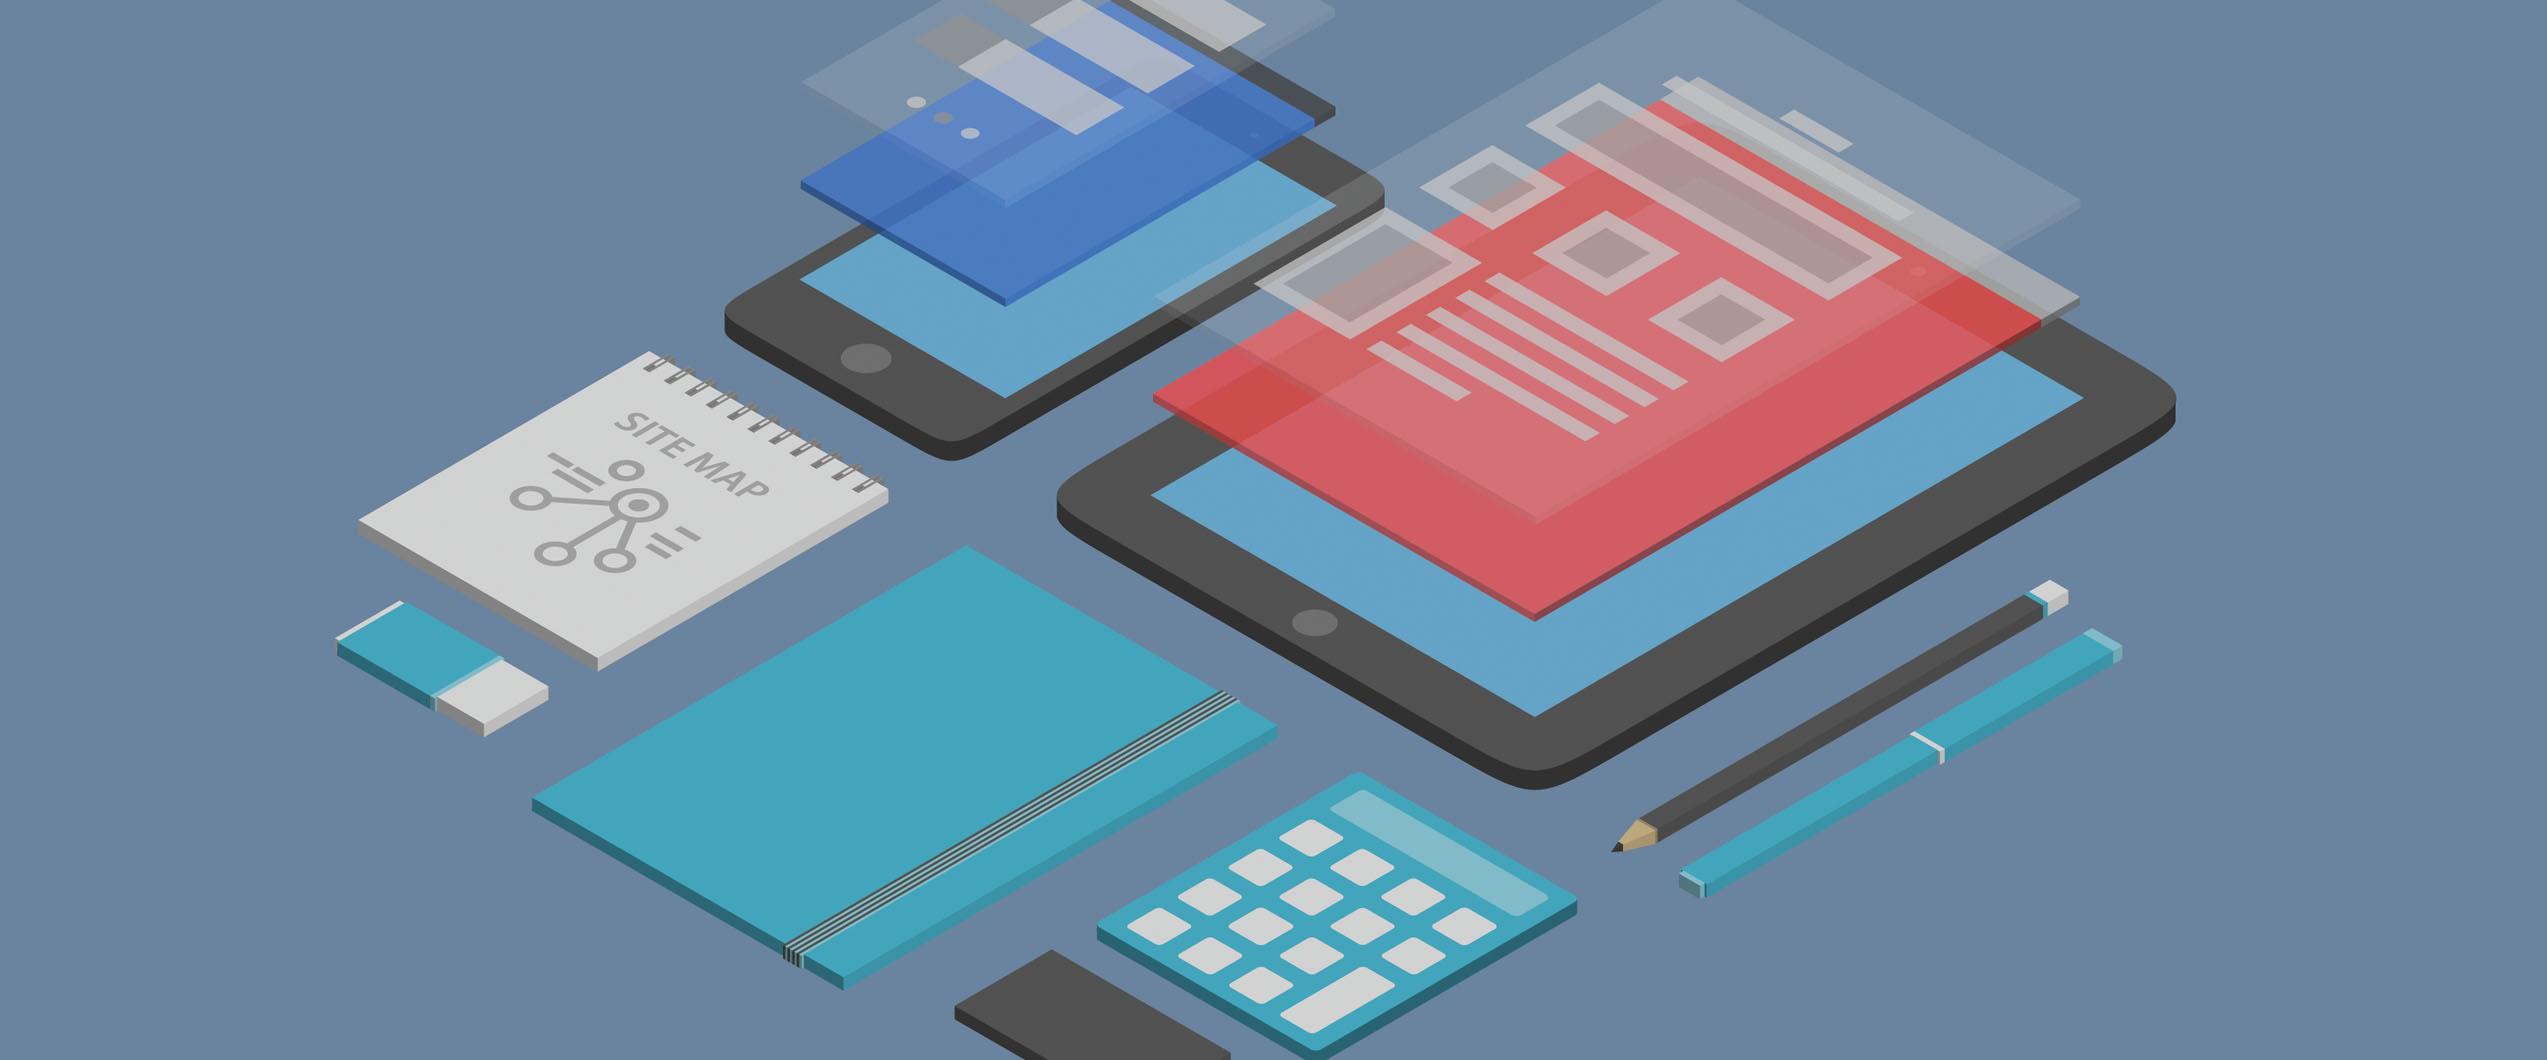 UI-UX-Design_description